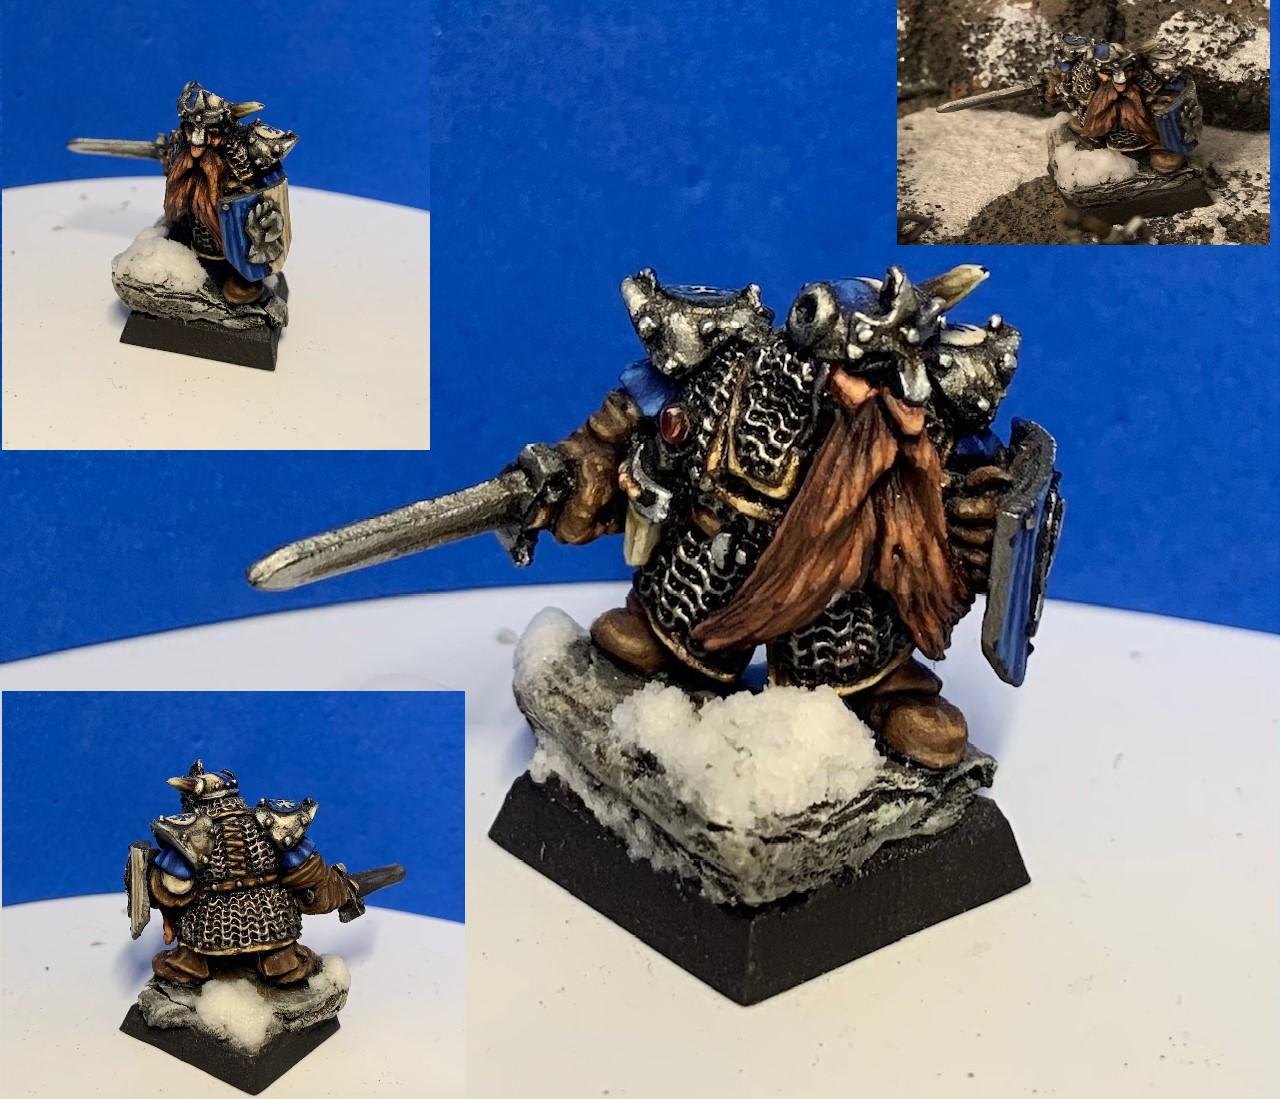 KARAL STONEFIST, Dwarf Lord